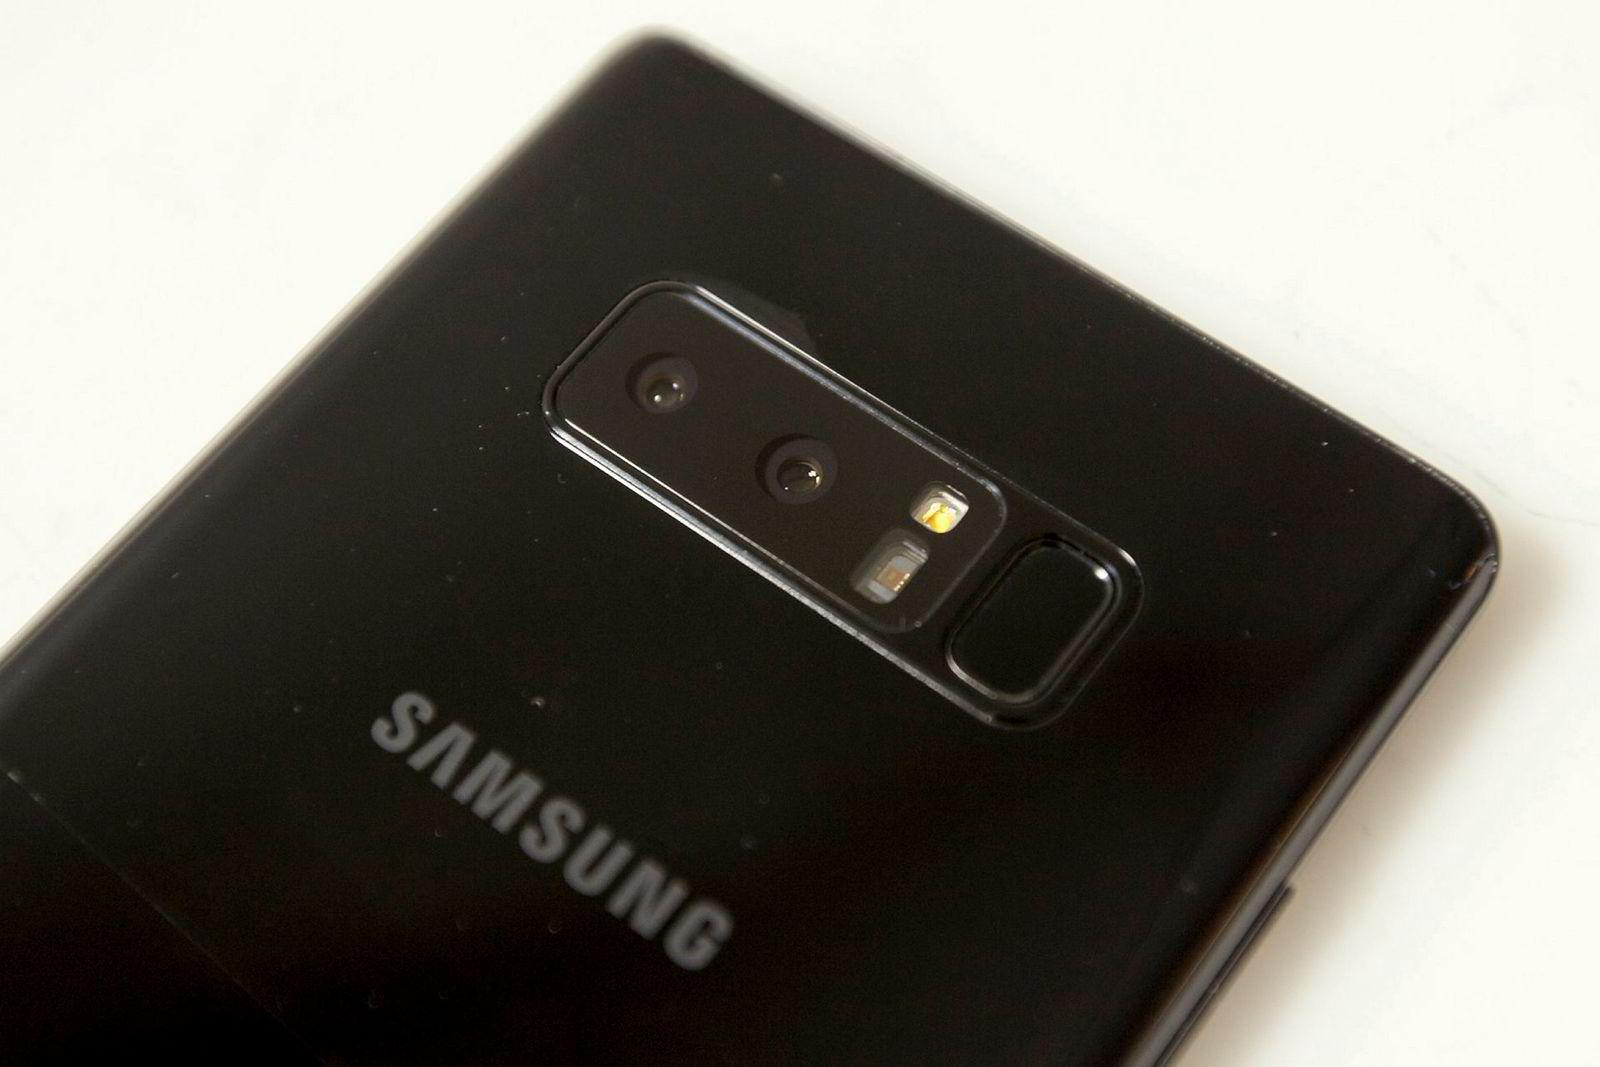 De to kameraene er en annen funksjon som skiller Note 8 fra andre telefoner. Dessverre er fingerskanneren fortsatt plassert ved kameraet – en sikker måte å skitne til linsen på.